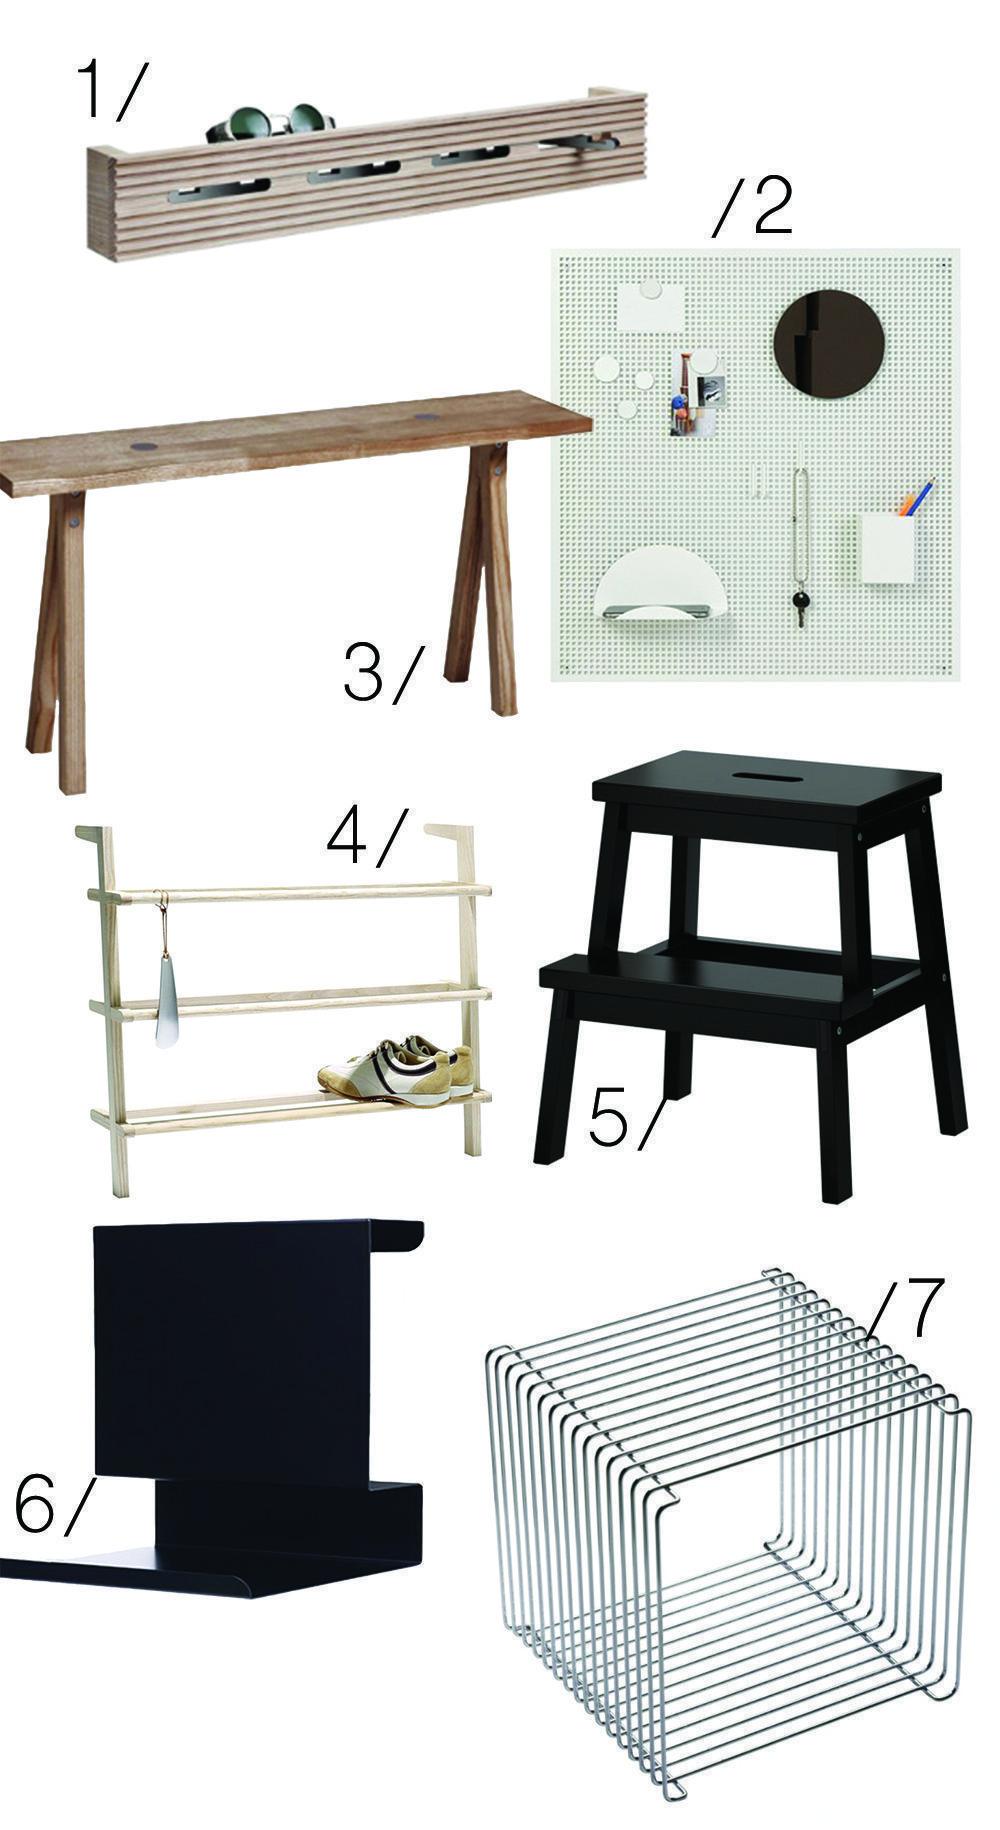 7 Møbler til en lille entre + 4 gode tips #entreindretning Møbler til en lille entre,indretning,entre,bolig,lille gang,lille,smal,multifunktionel,fleksibel,verner panton,ikea,nomess,diy løsninger #entreindretning 7 Møbler til en lille entre + 4 gode tips #entreindretning Møbler til en lille entre,indretning,entre,bolig,lille gang,lille,smal,multifunktionel,fleksibel,verner panton,ikea,nomess,diy løsninger #entreindretning 7 Møbler til en lille entre + 4 gode tips #entreindretning Møbler #entreindretning